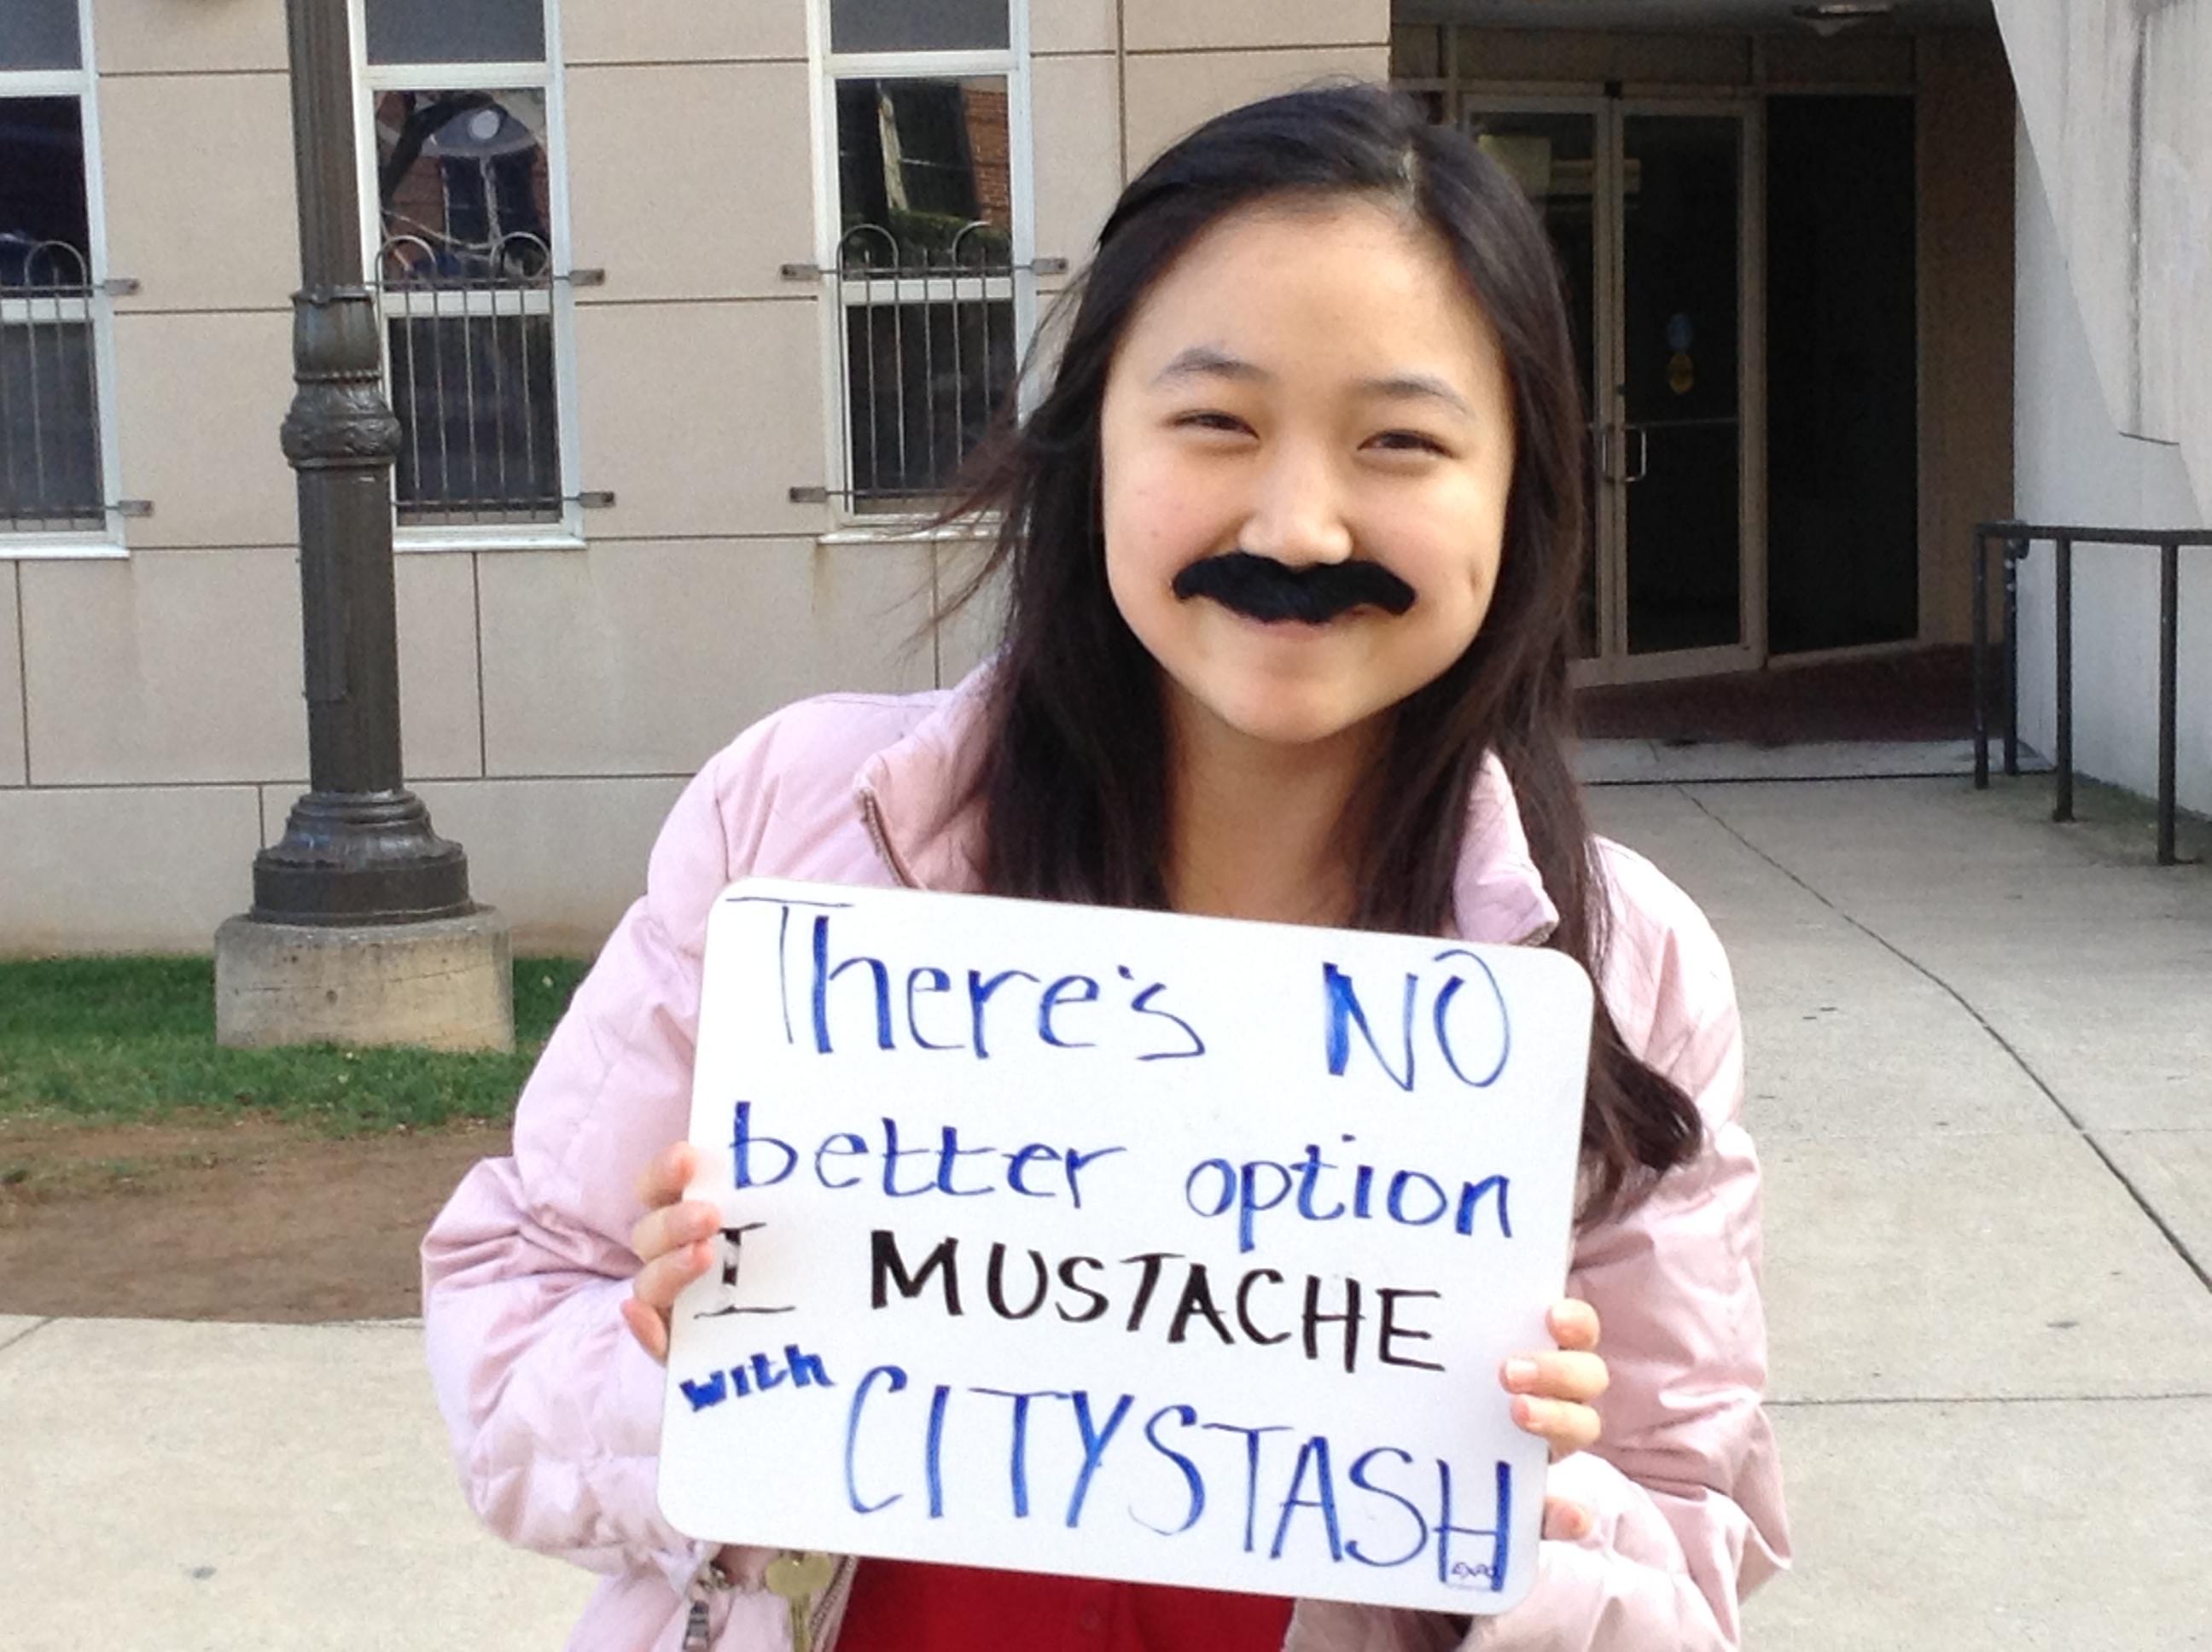 Jessica-Happy-CityStash-Storage-Customer